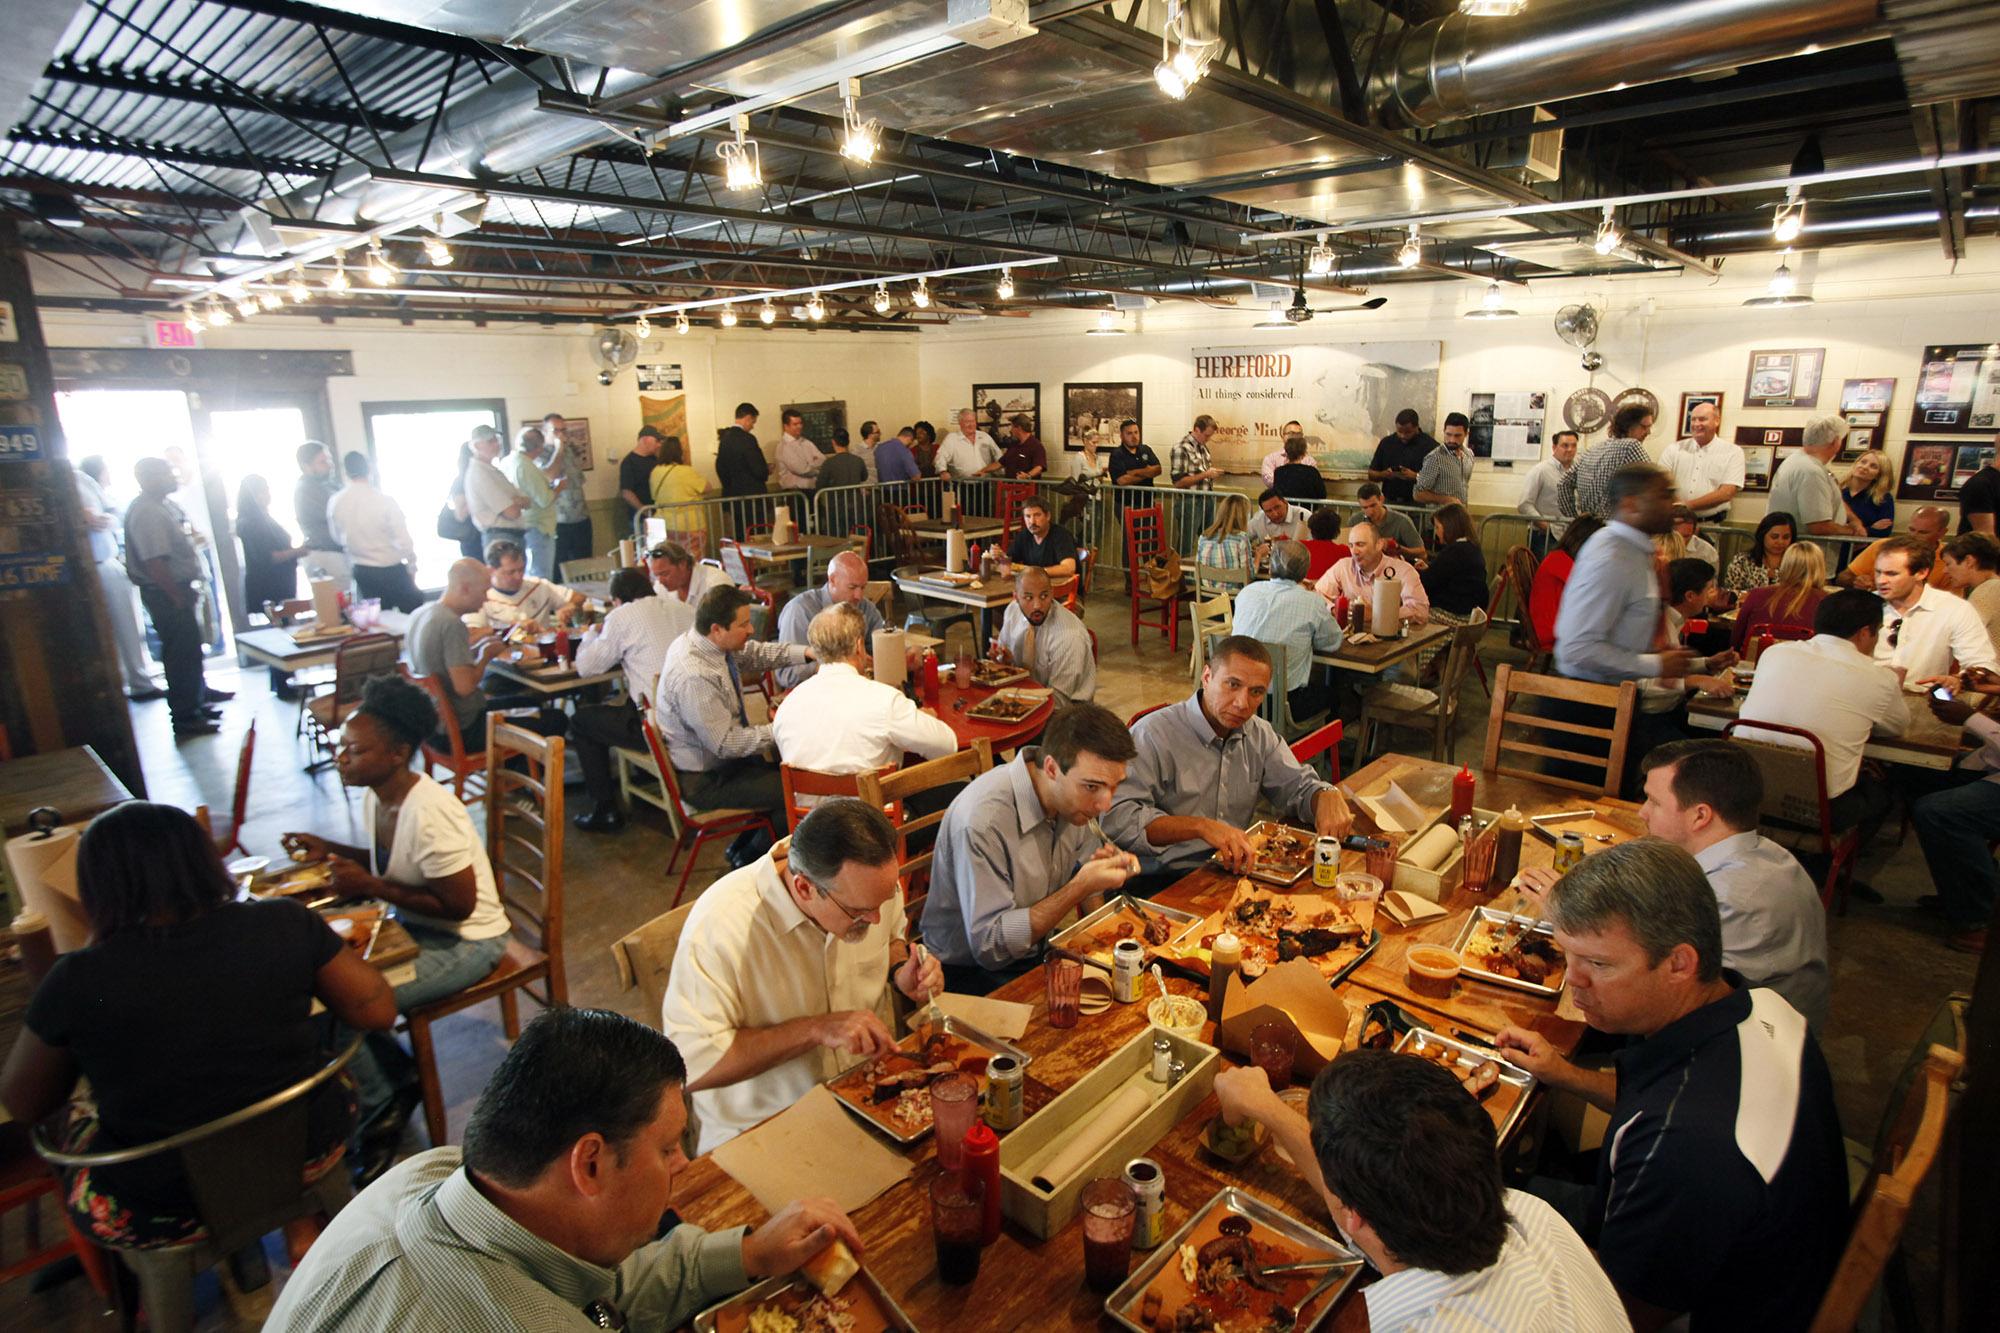 crowded-restaurant.jpg